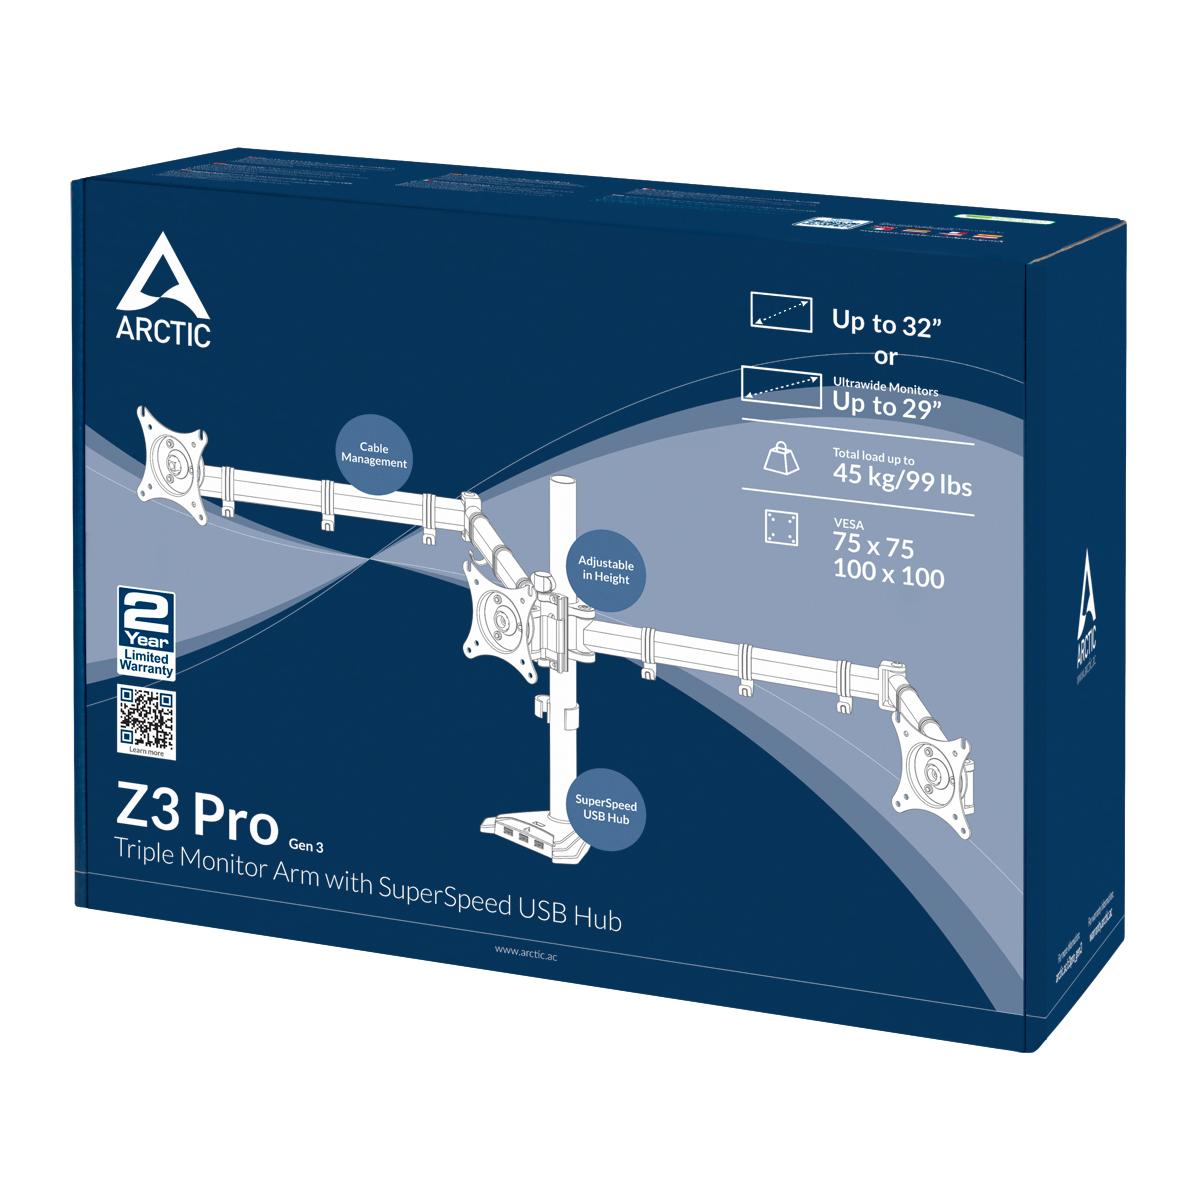 Dreifach-Monitorarm mit SuperSpeed USB-Hub ARCTIC Z3 Pro (Gen 3) Produktverpackung Vorderansicht